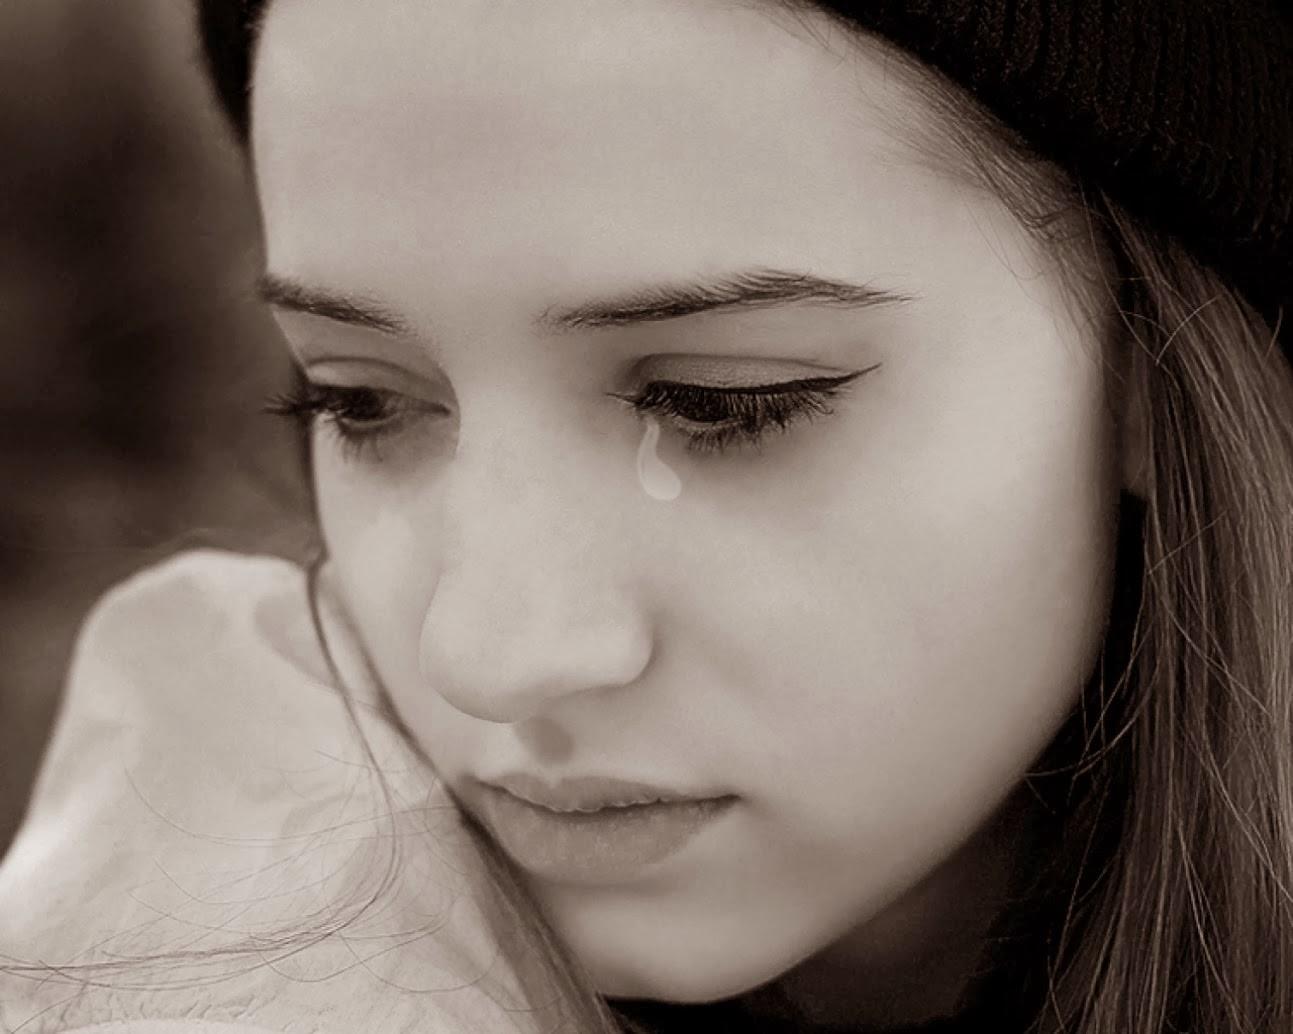 بالصور صور فتاة حزينة , بنات ملامحها حزن 2154 6